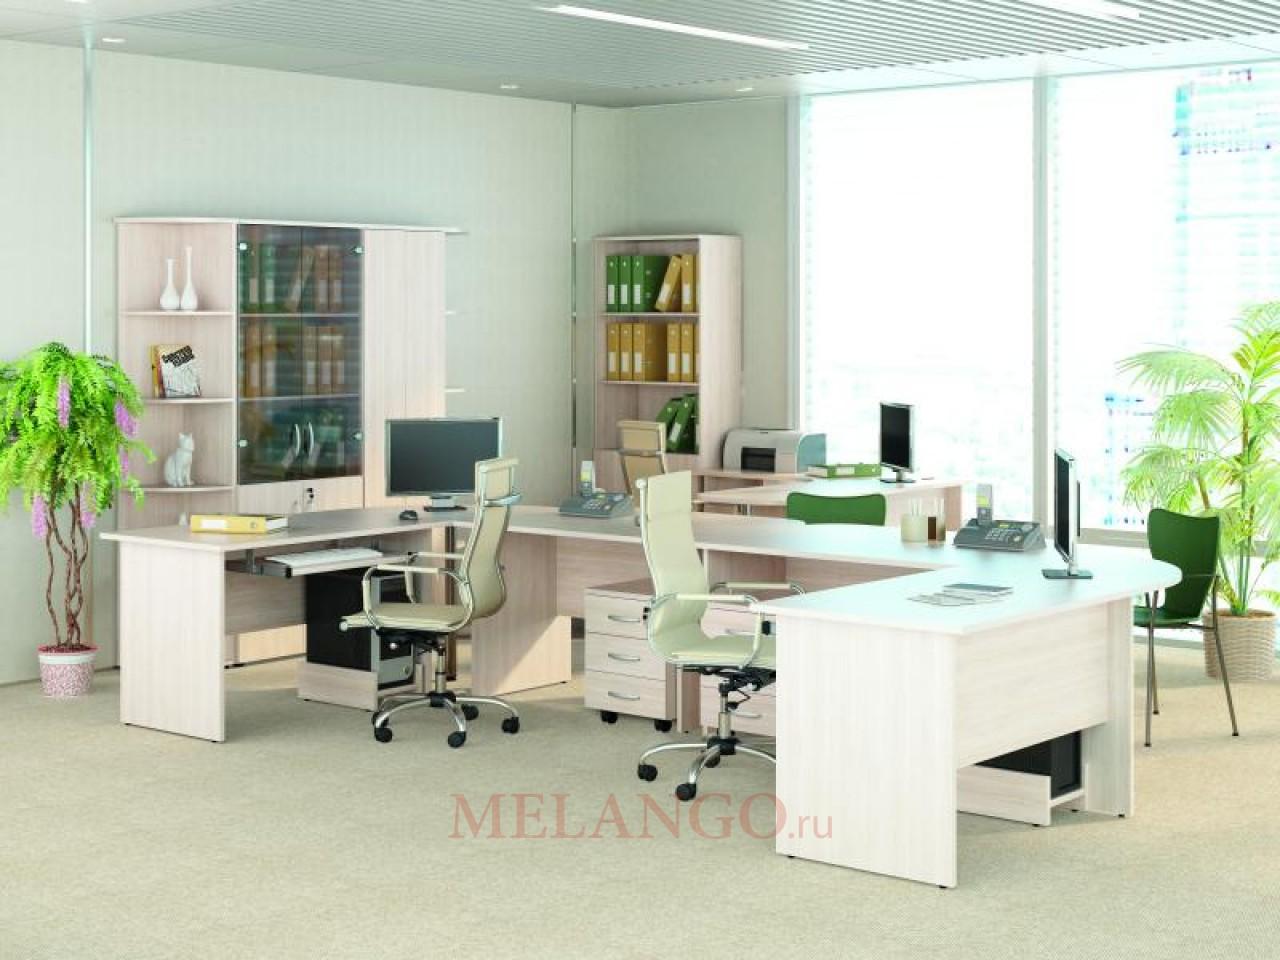 Набор мебели для офиса Альфа 3